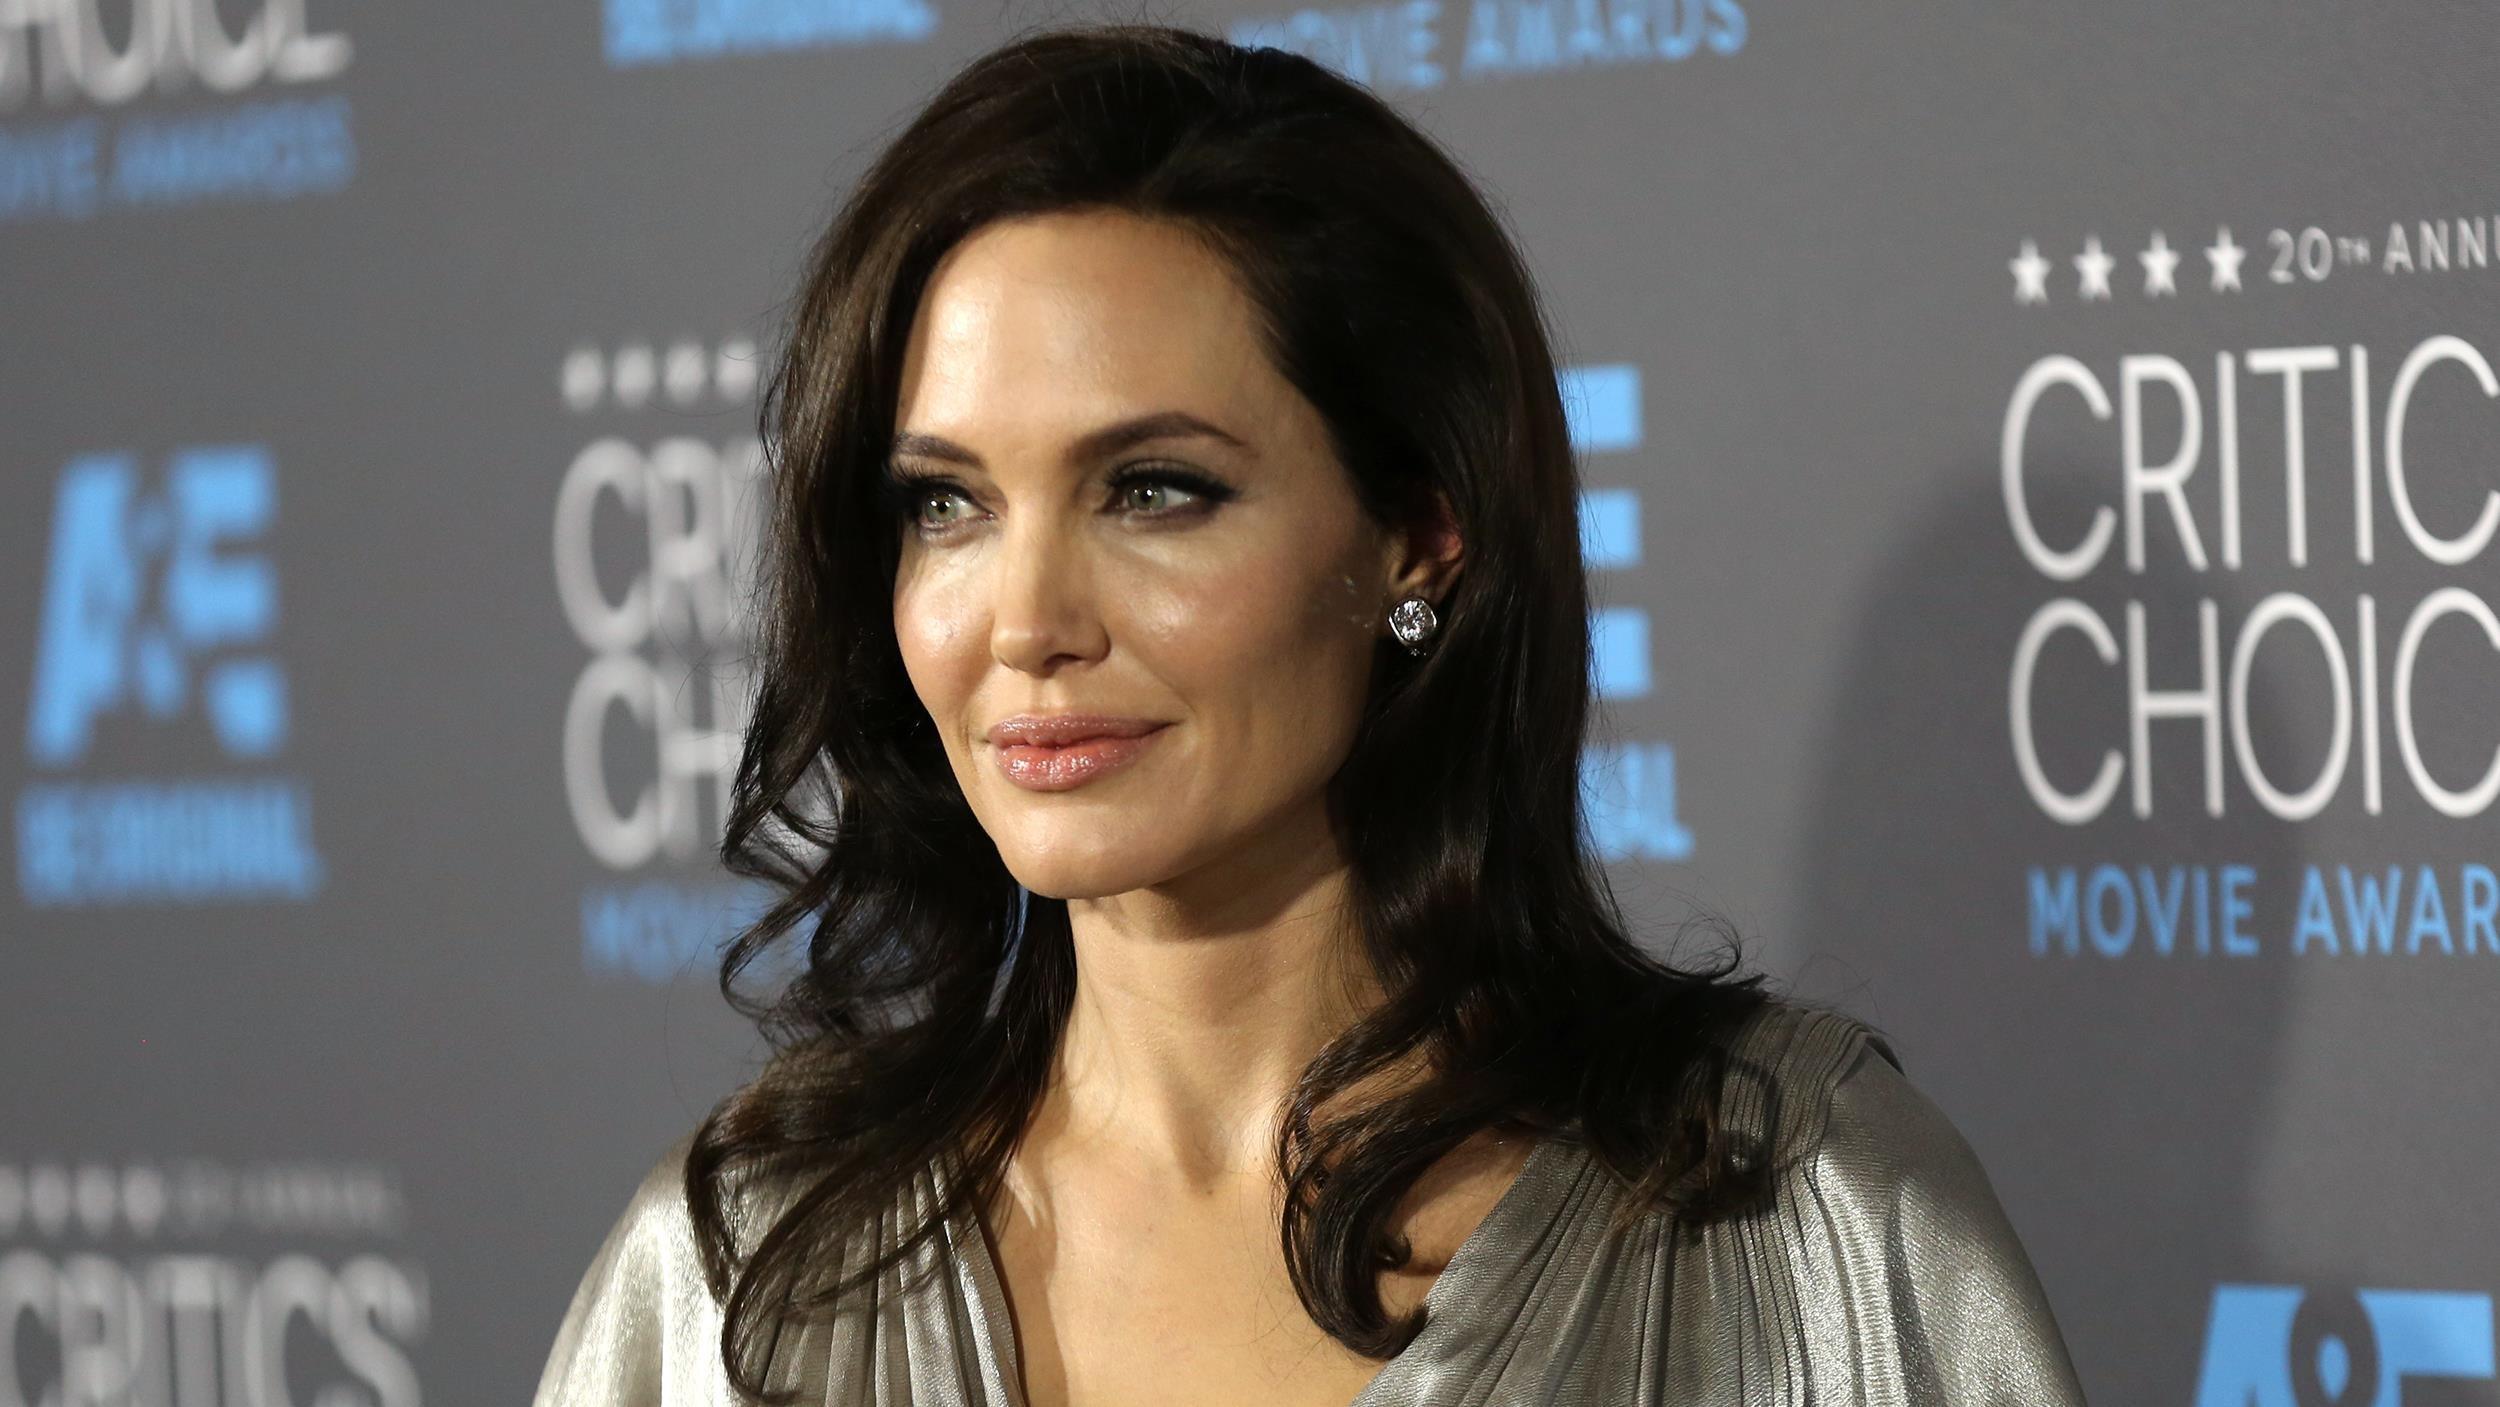 Angelina Jolie Wallpapers 3